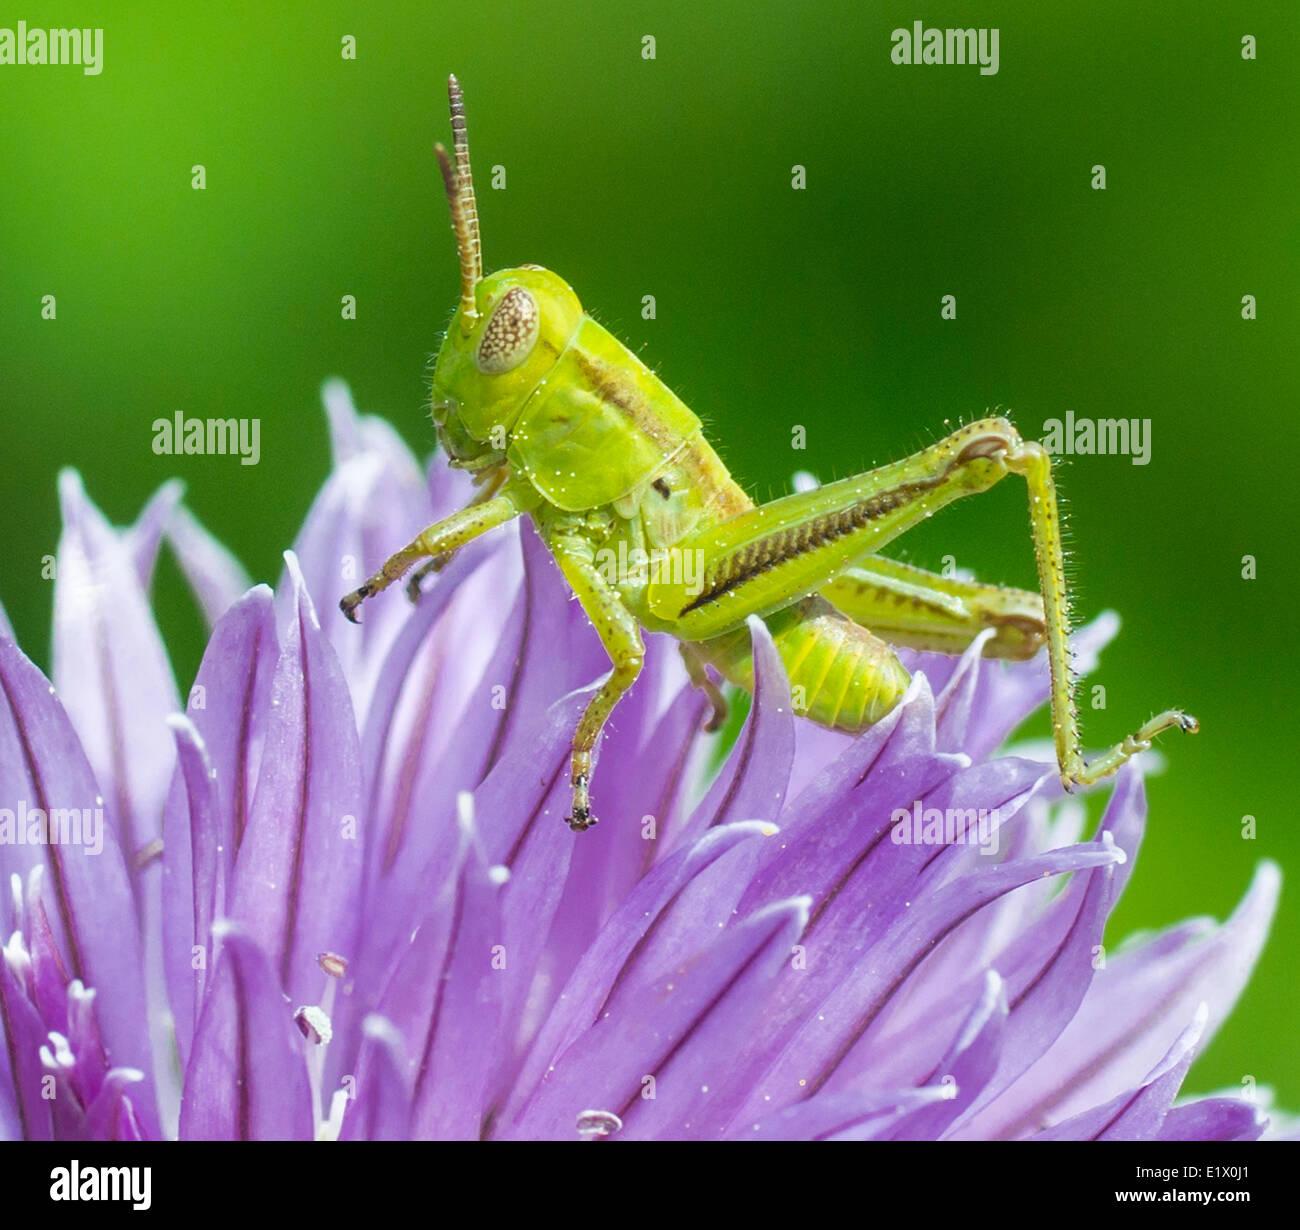 Grasshopper on Chive Blossom Stock Photo